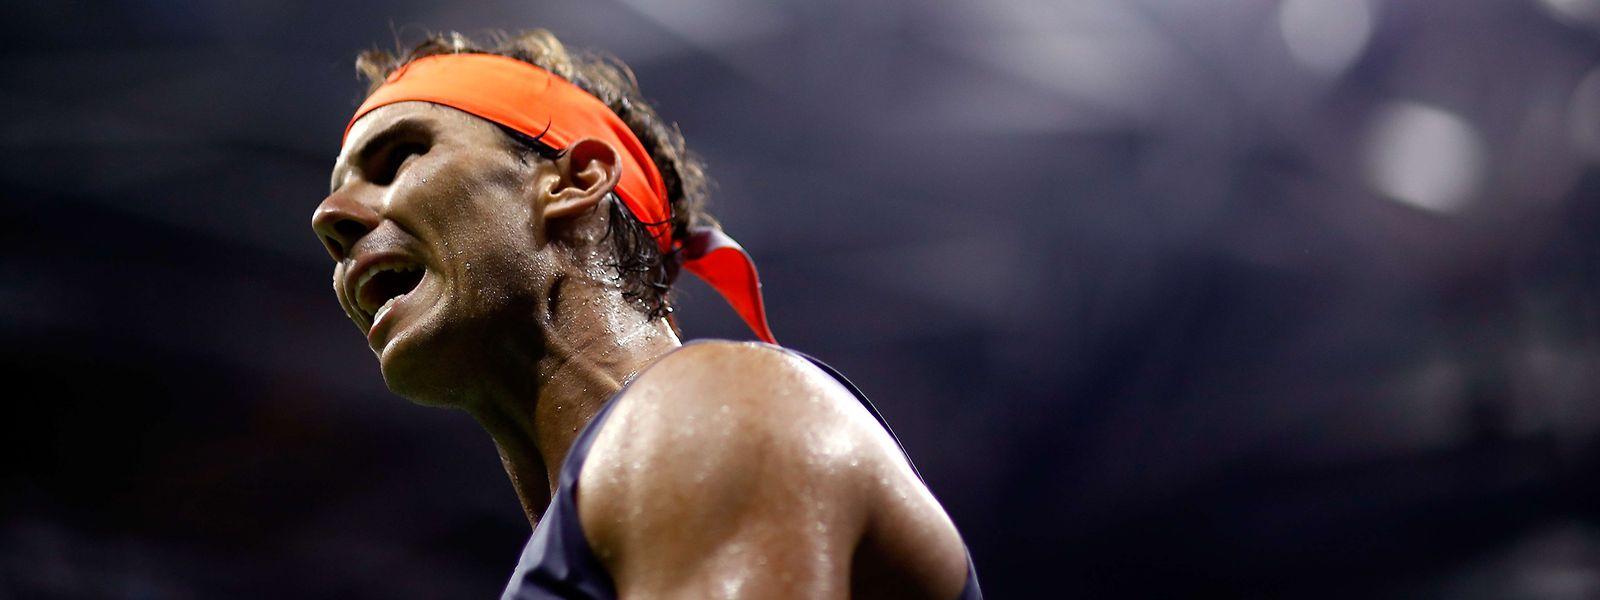 Rafael Nadal hat erneut bewiesen, dass er einer der größten Kämpfer im Tenniszirkus ist.